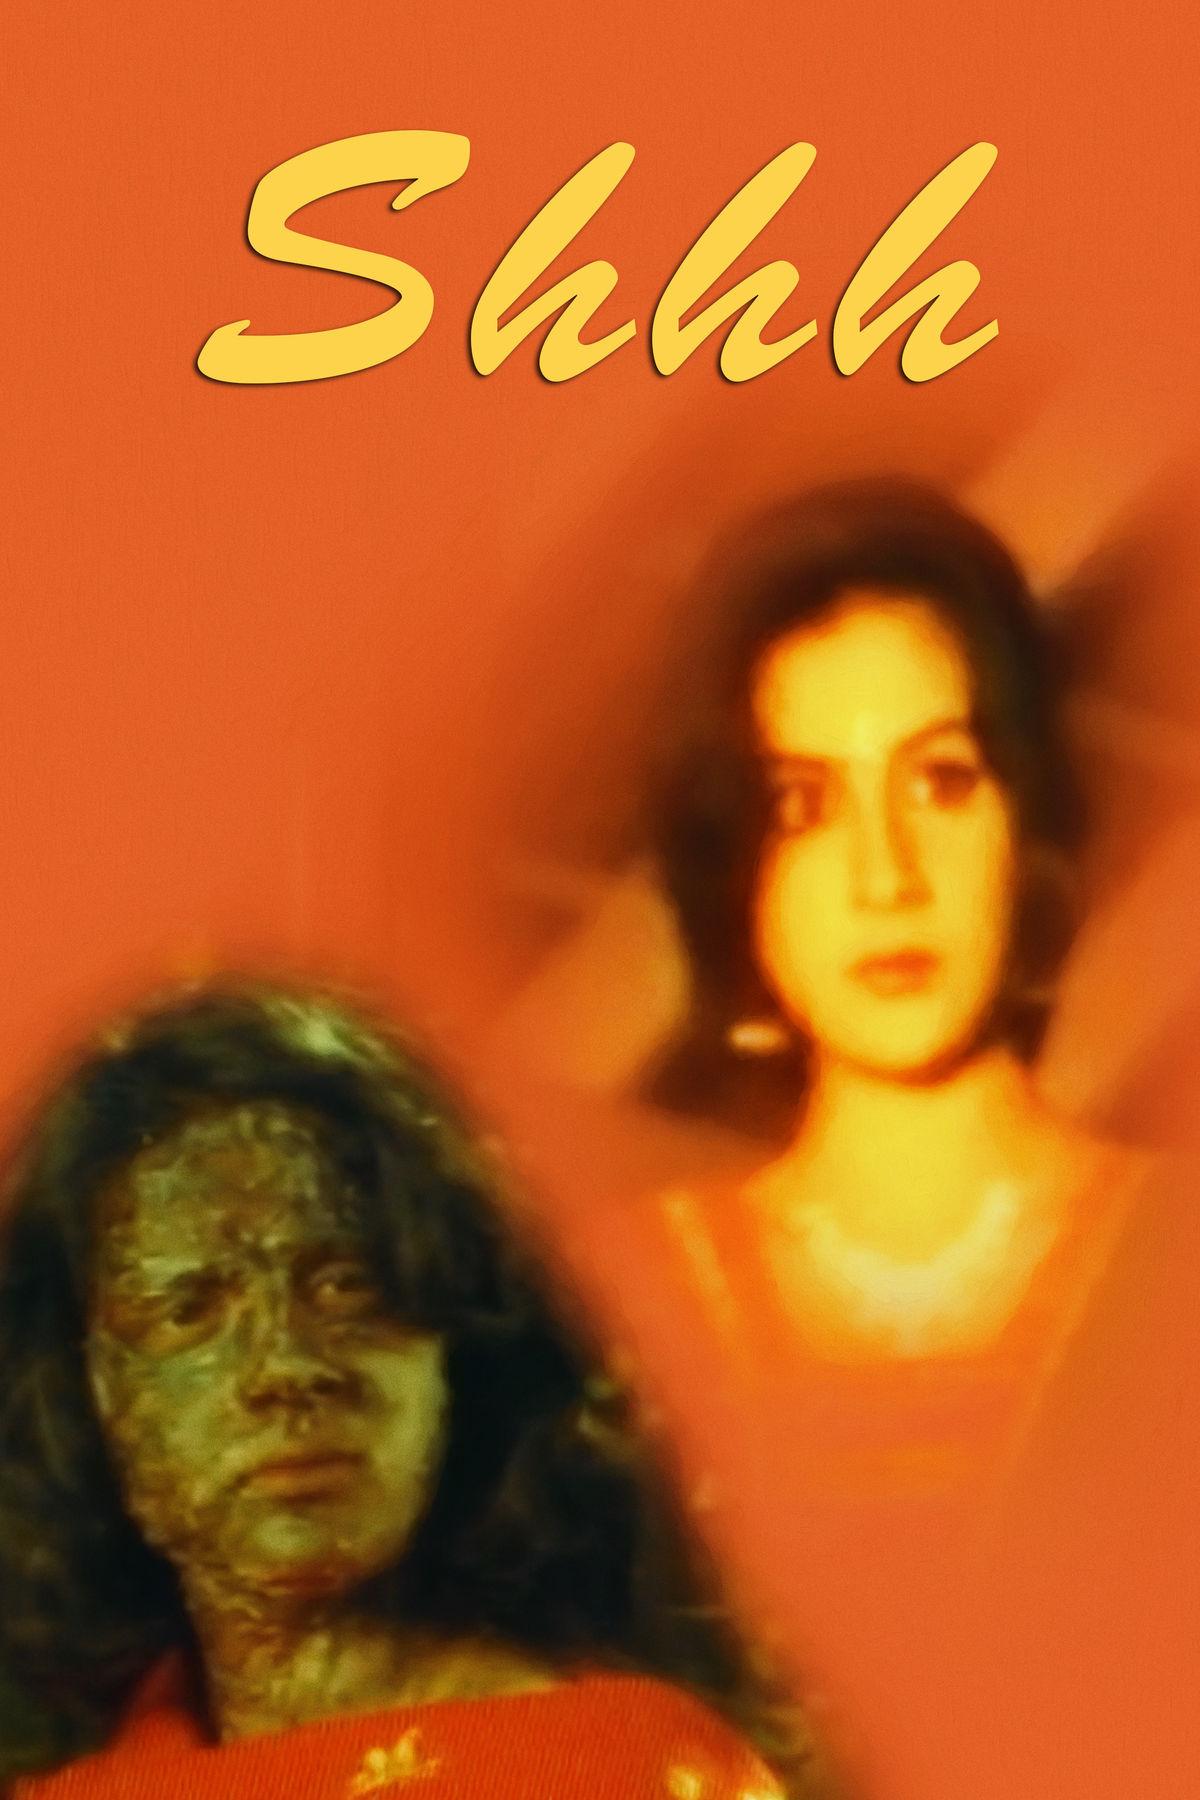 Vaijanath Biradar Best Movies, TV Shows and Web Series List